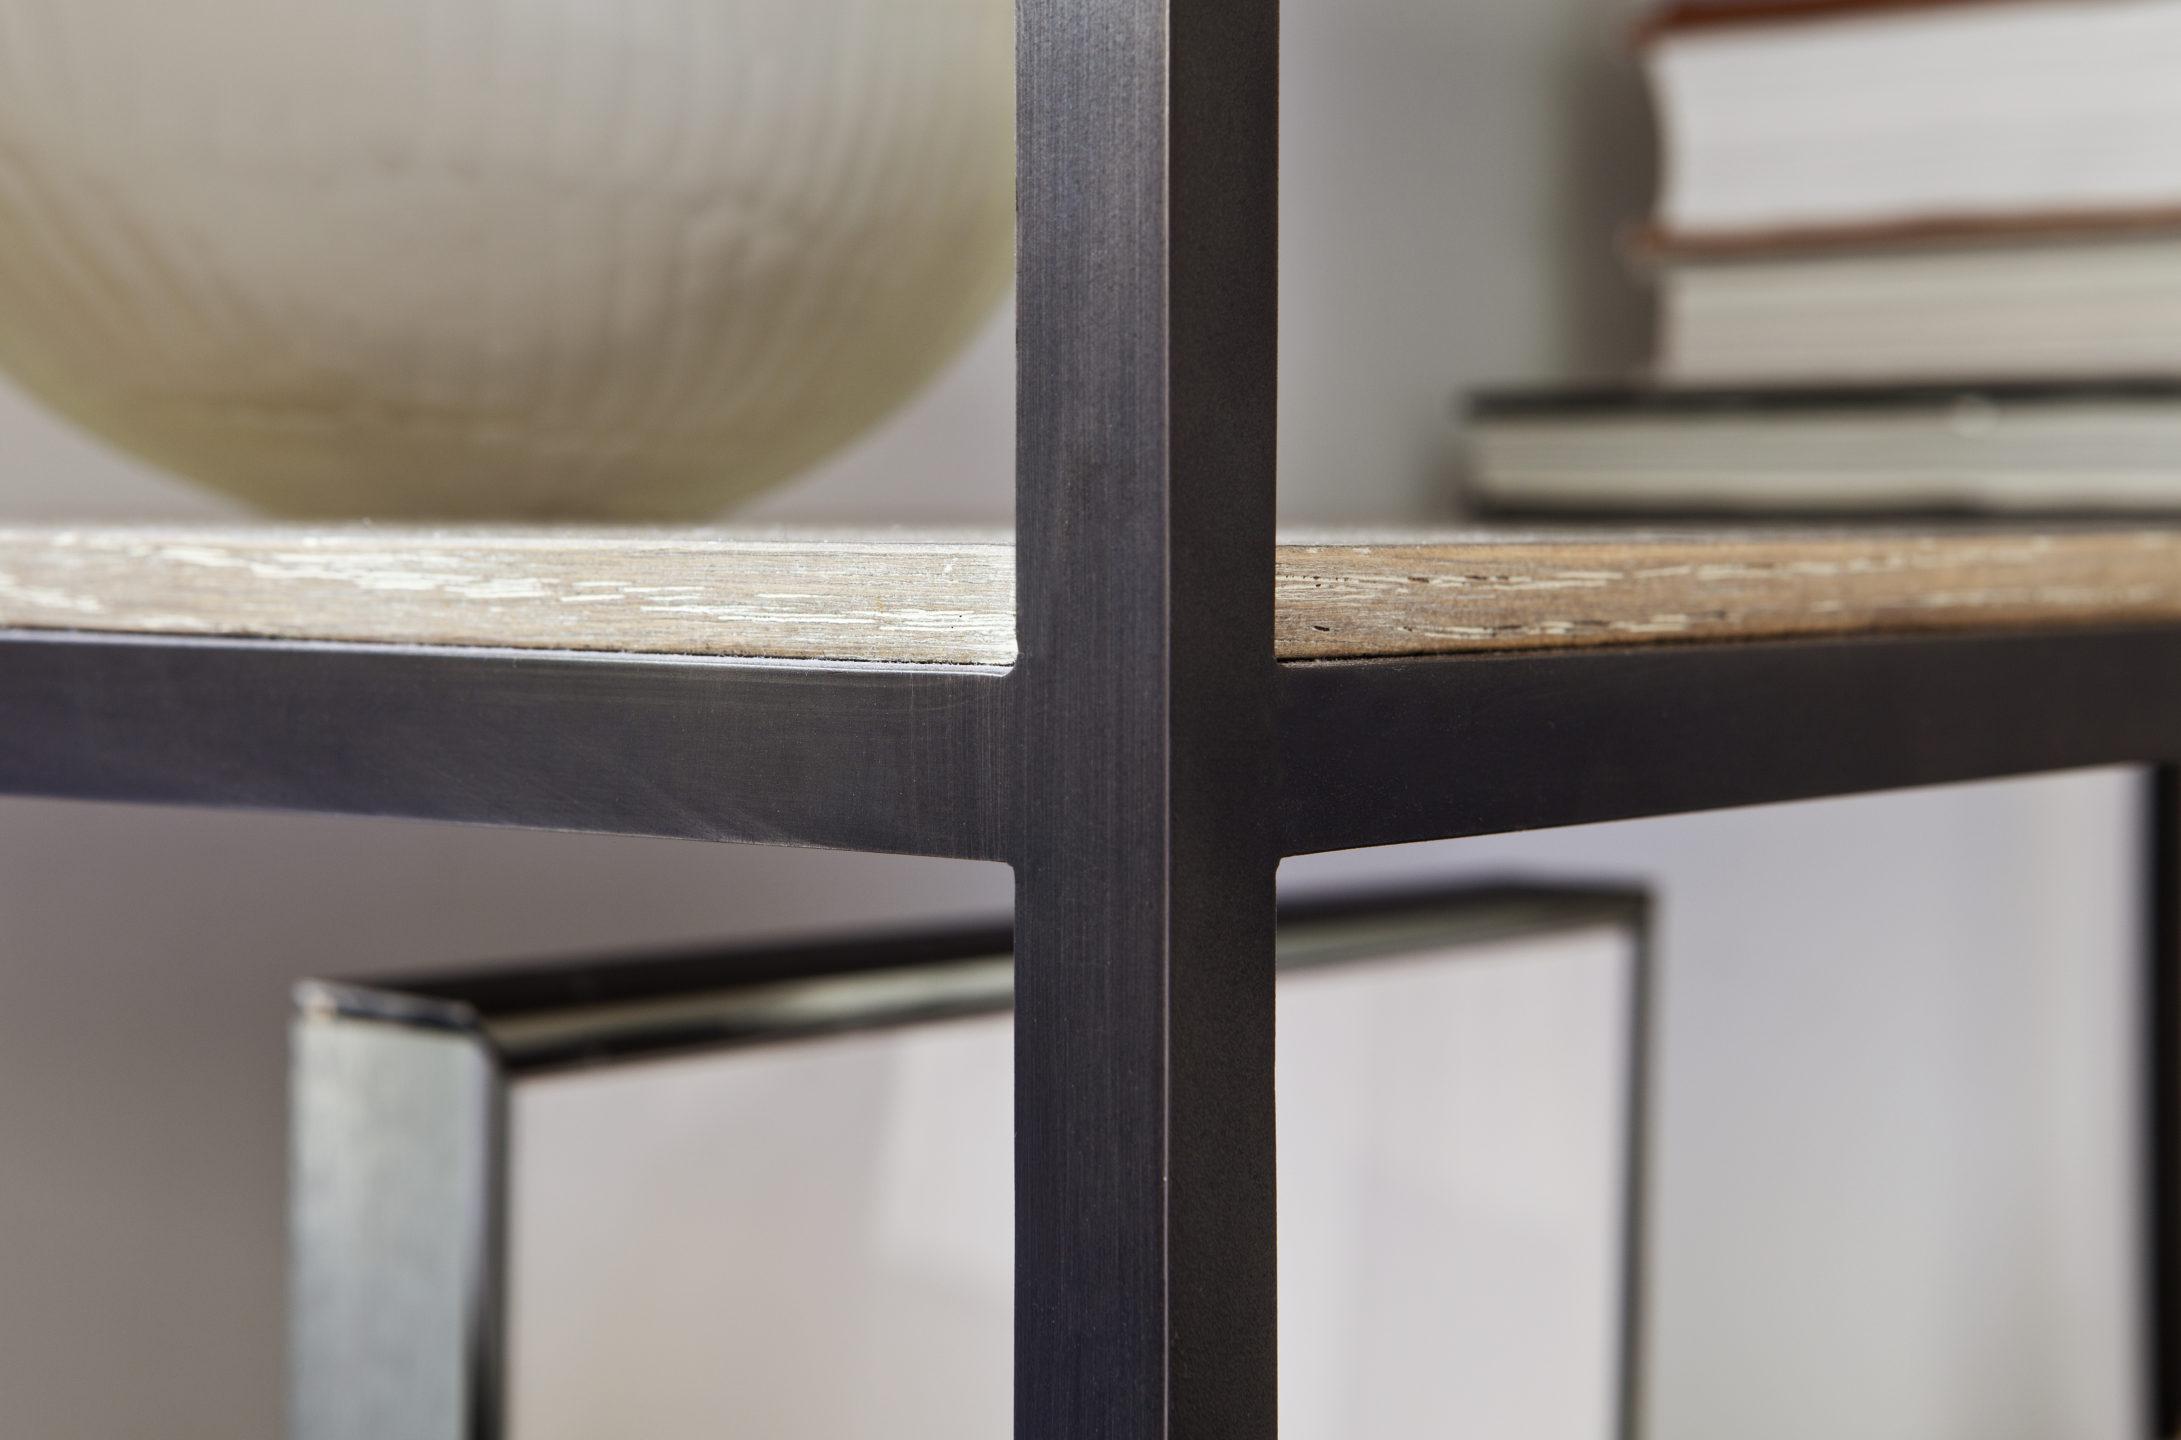 Studio_William_Hefner_products_koji_etagere_McCadden_Detail_bookcase_top